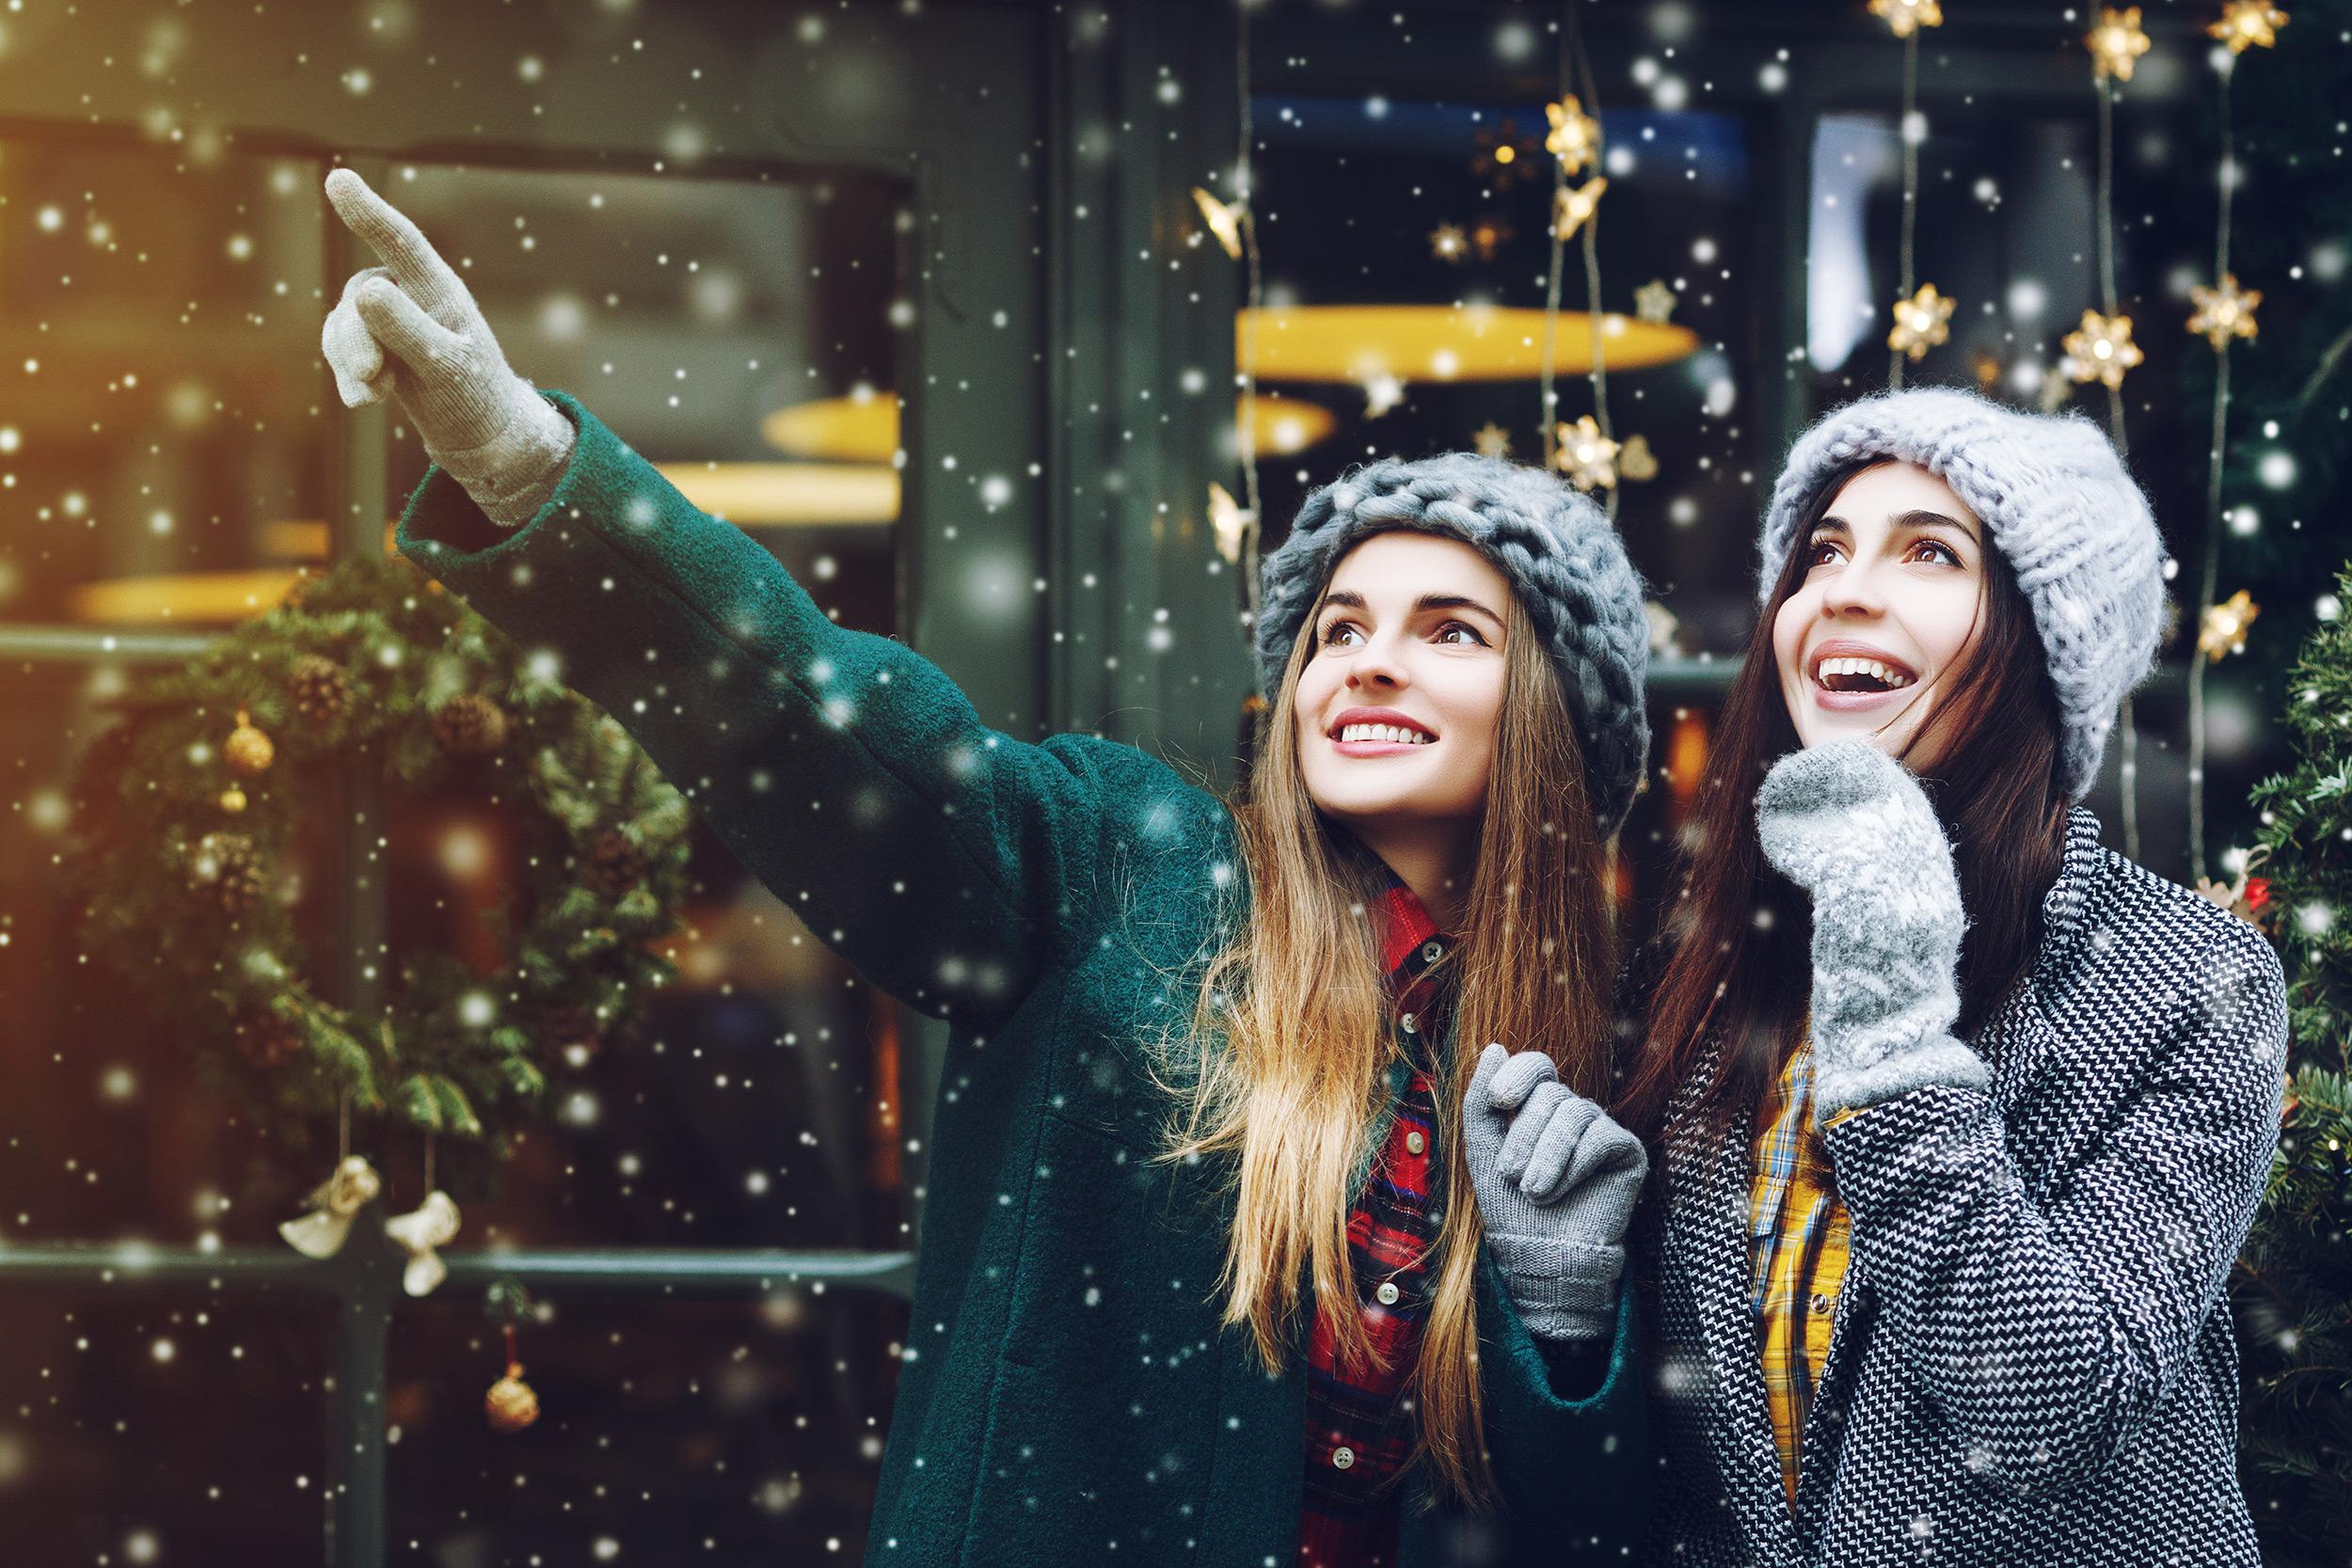 Weihnachtsmarkt Nach Weihnachten Noch Geöffnet Nrw.Weihnachtsmärkte Die Nach Weihnachten Offen Haben Urlaubstracker De